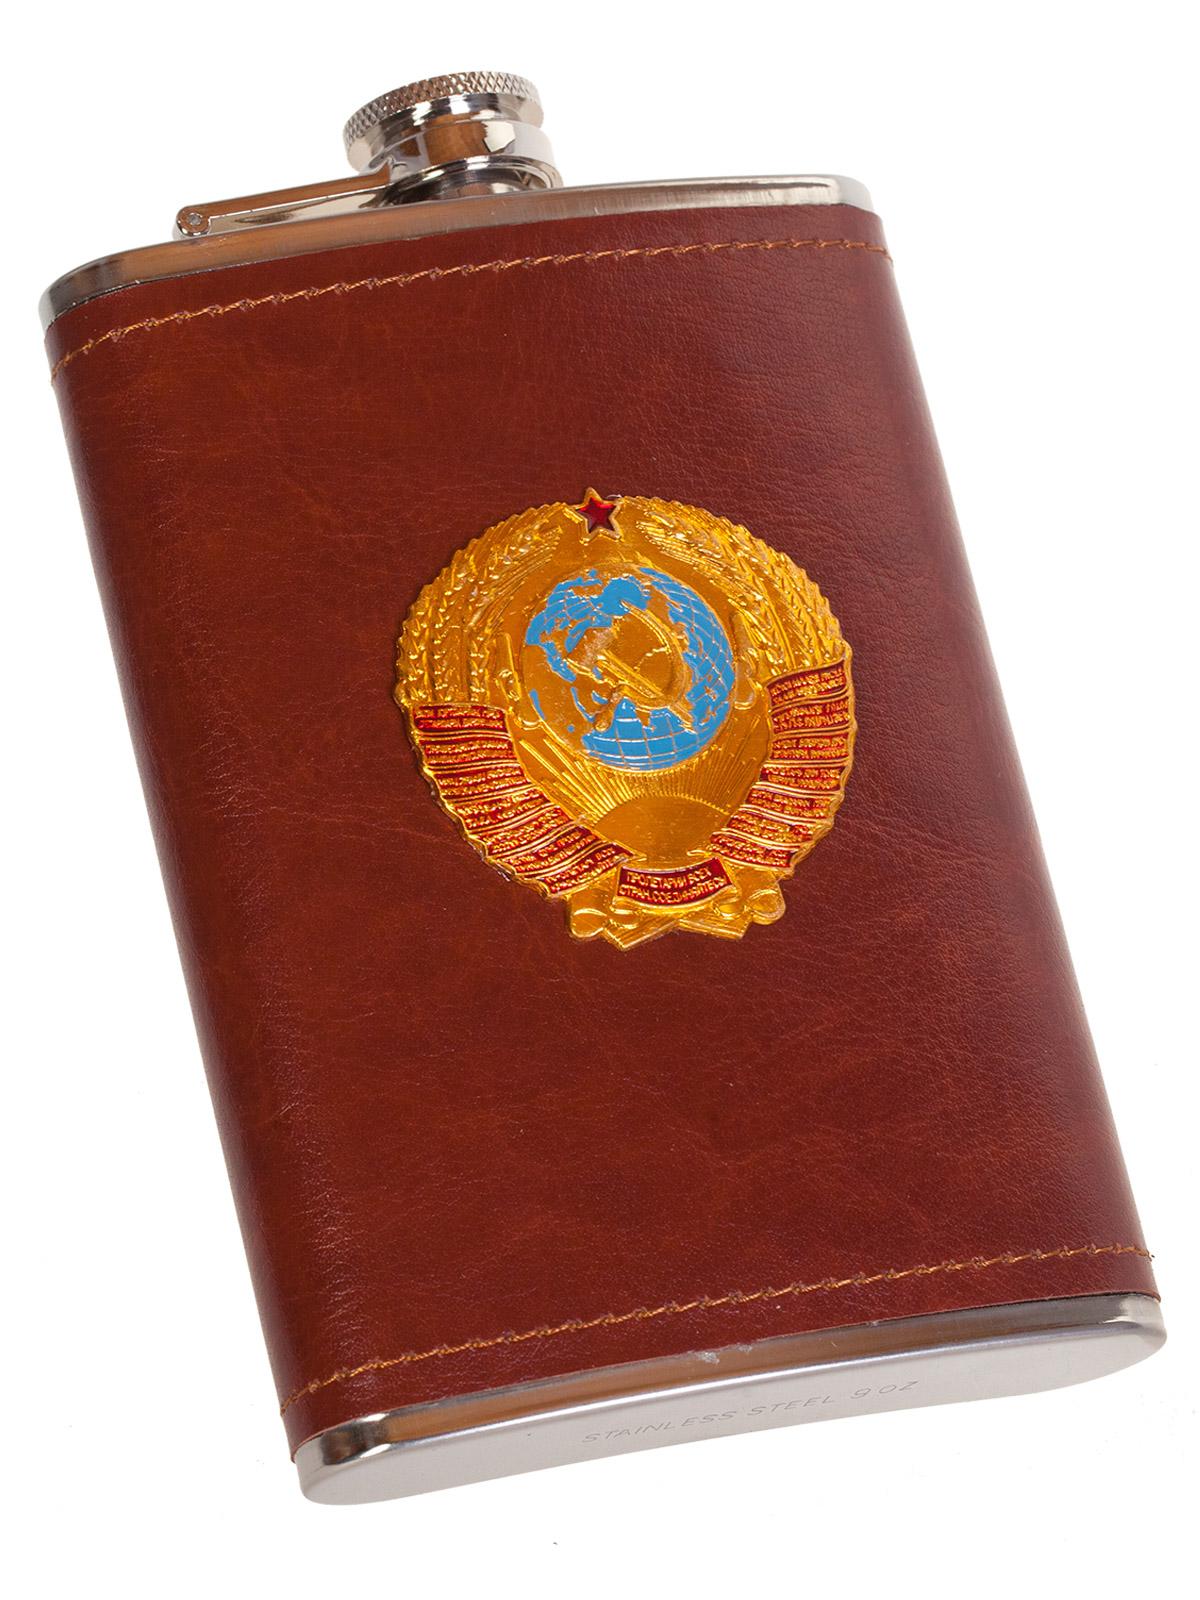 Крутая карманная фляжка с металлической накладкой Герб СССР - купить оптом